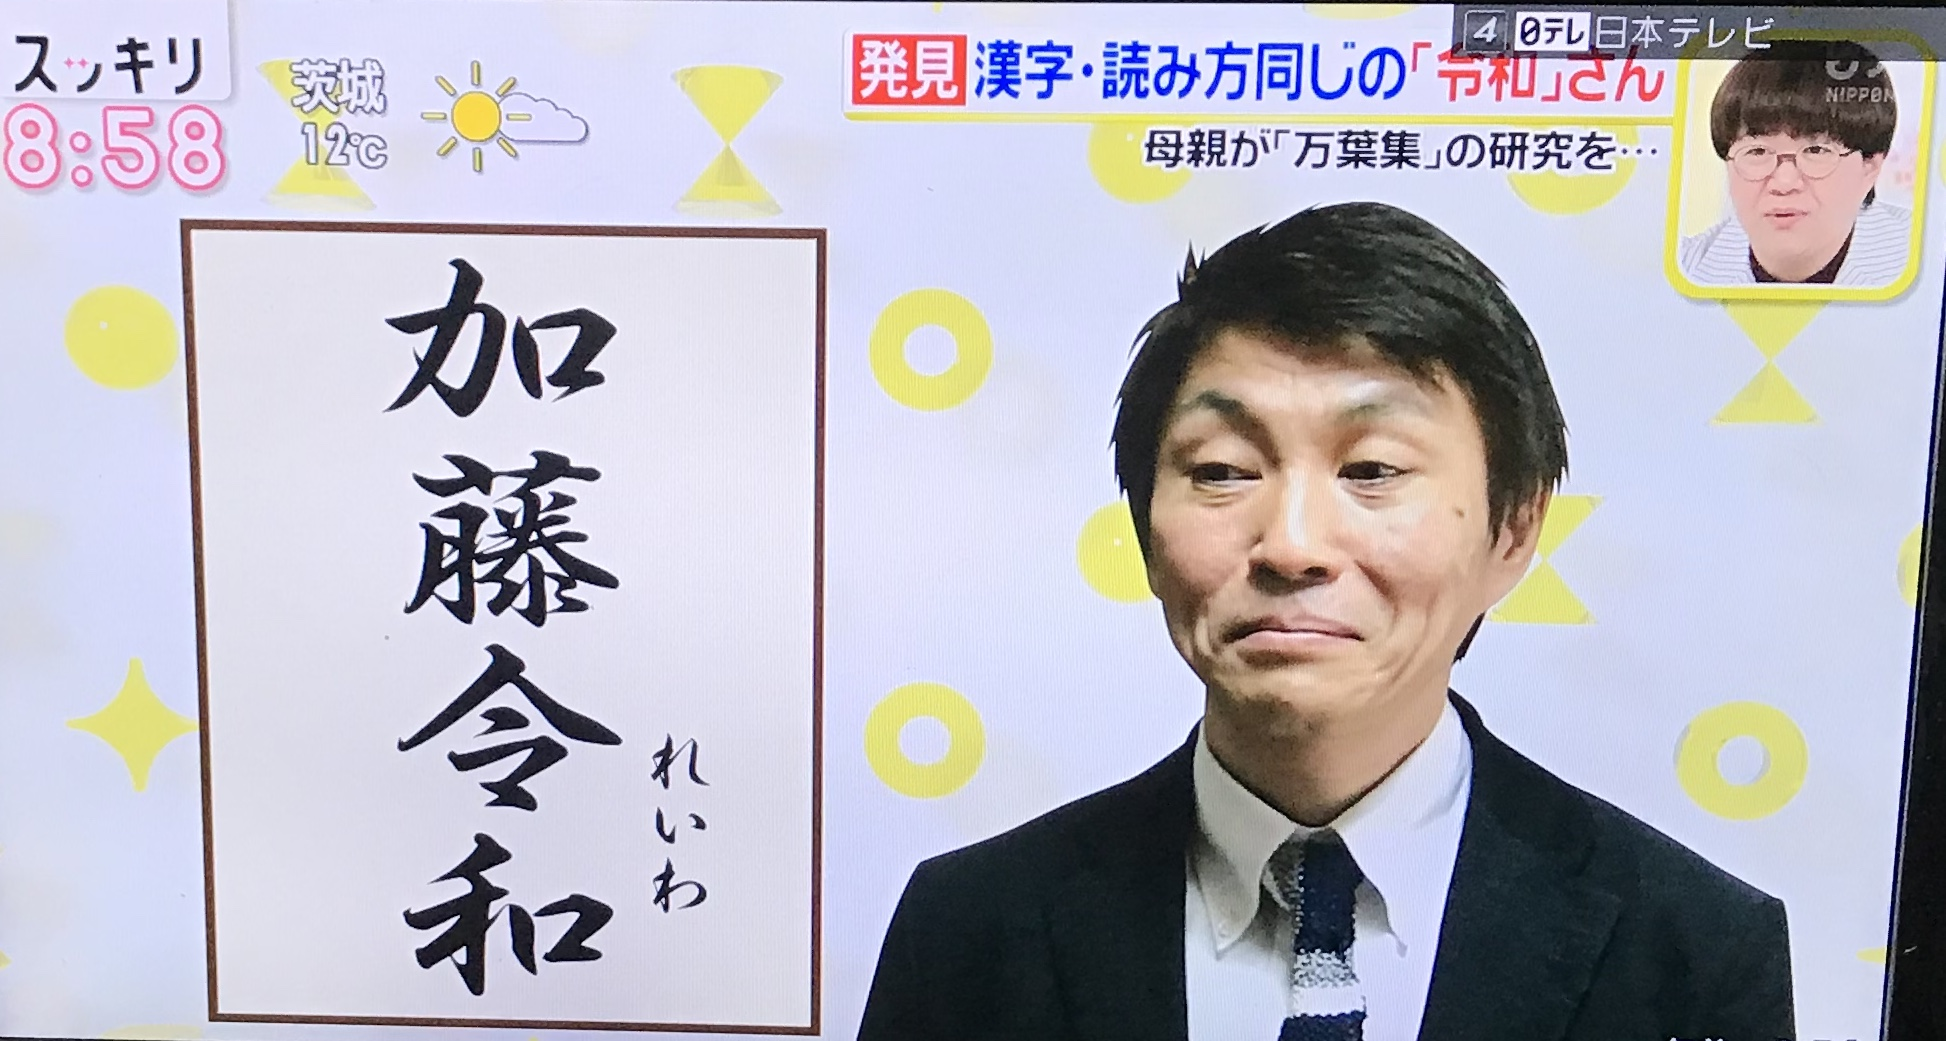 新元号・令和と同名、「加藤令和」さん。スッキリで紹介!